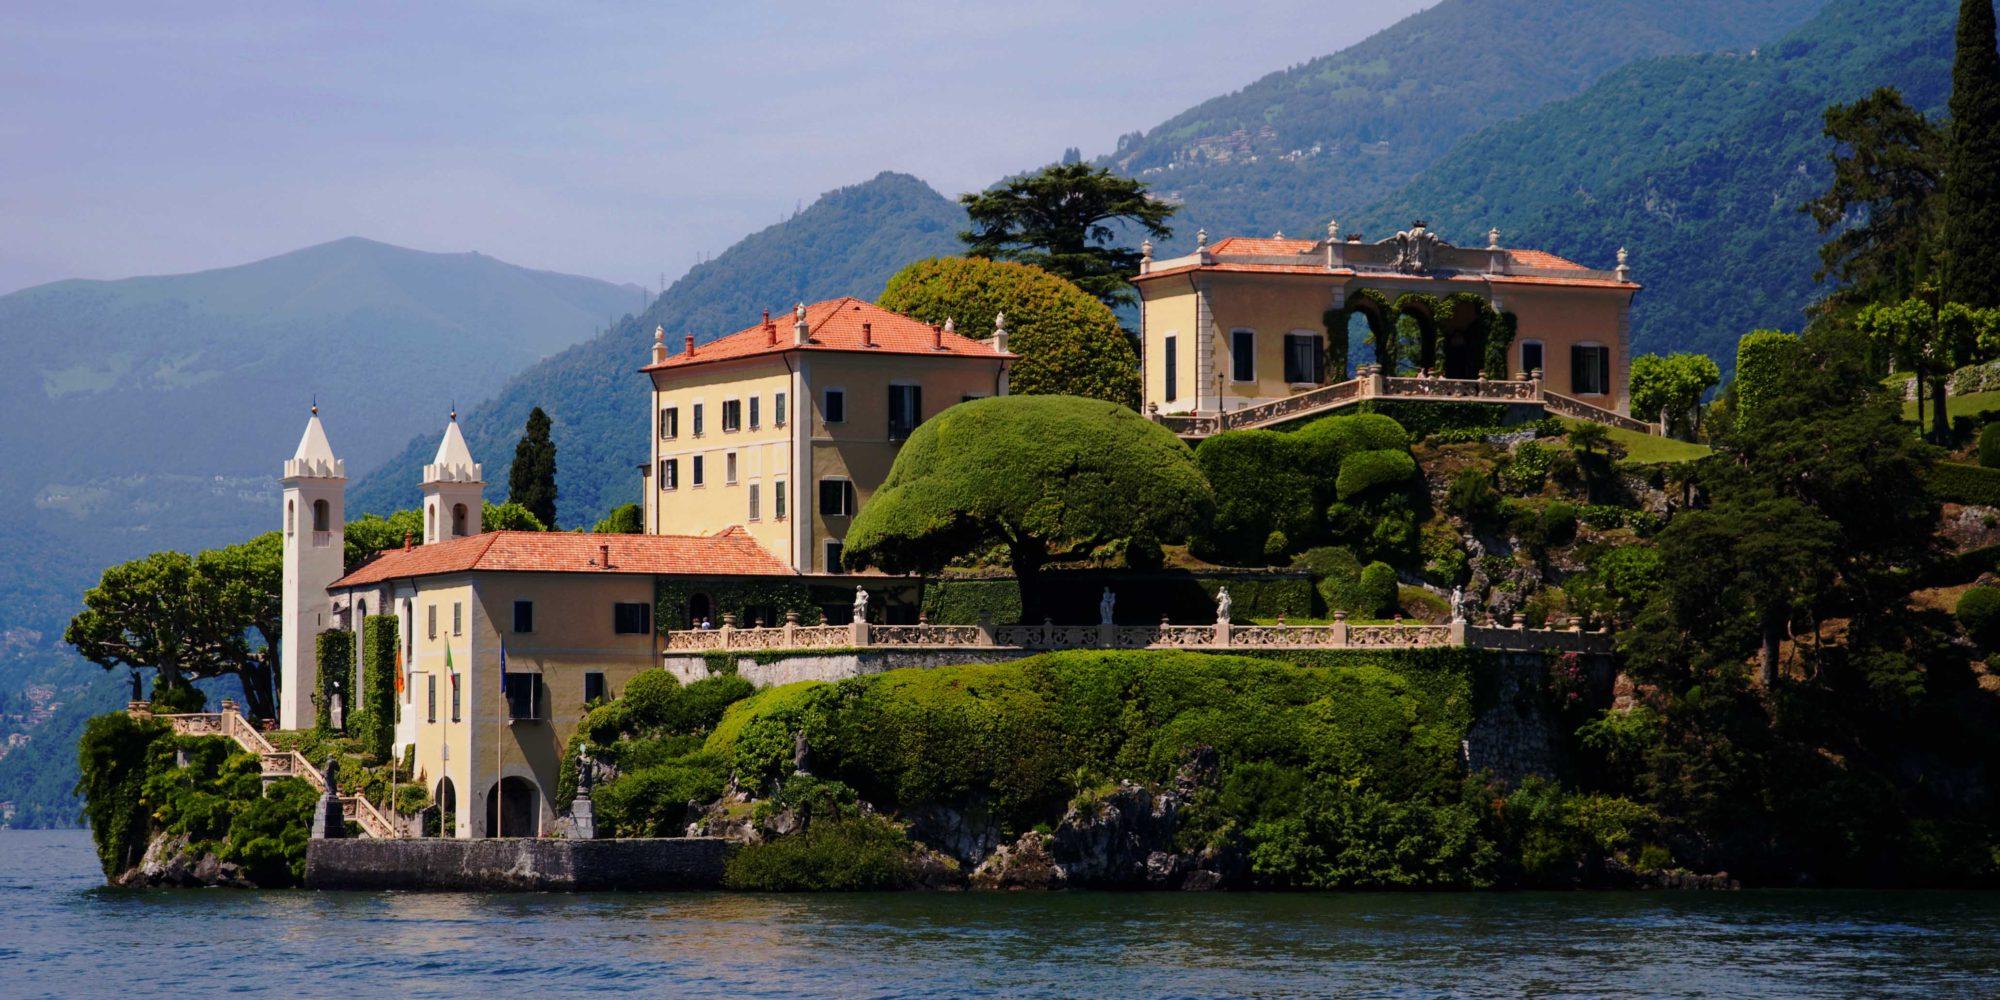 Villa del Balbianello the most beautiful villa on lake Como